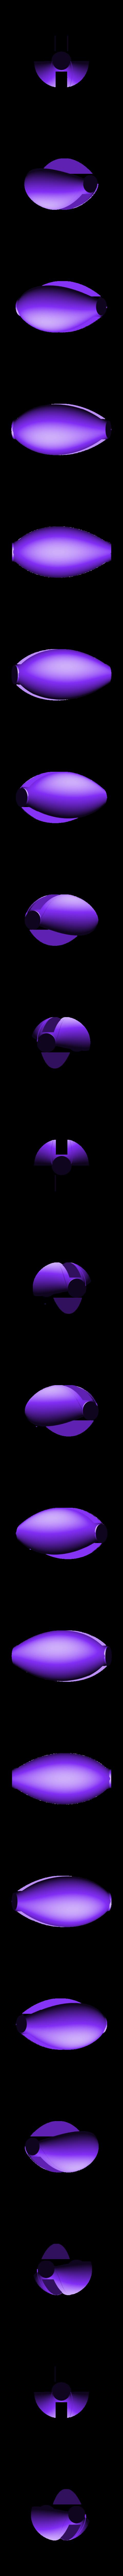 4_leave_medium3_vase_mode.stl Download free STL file Servo Flower • 3D printing model, Job